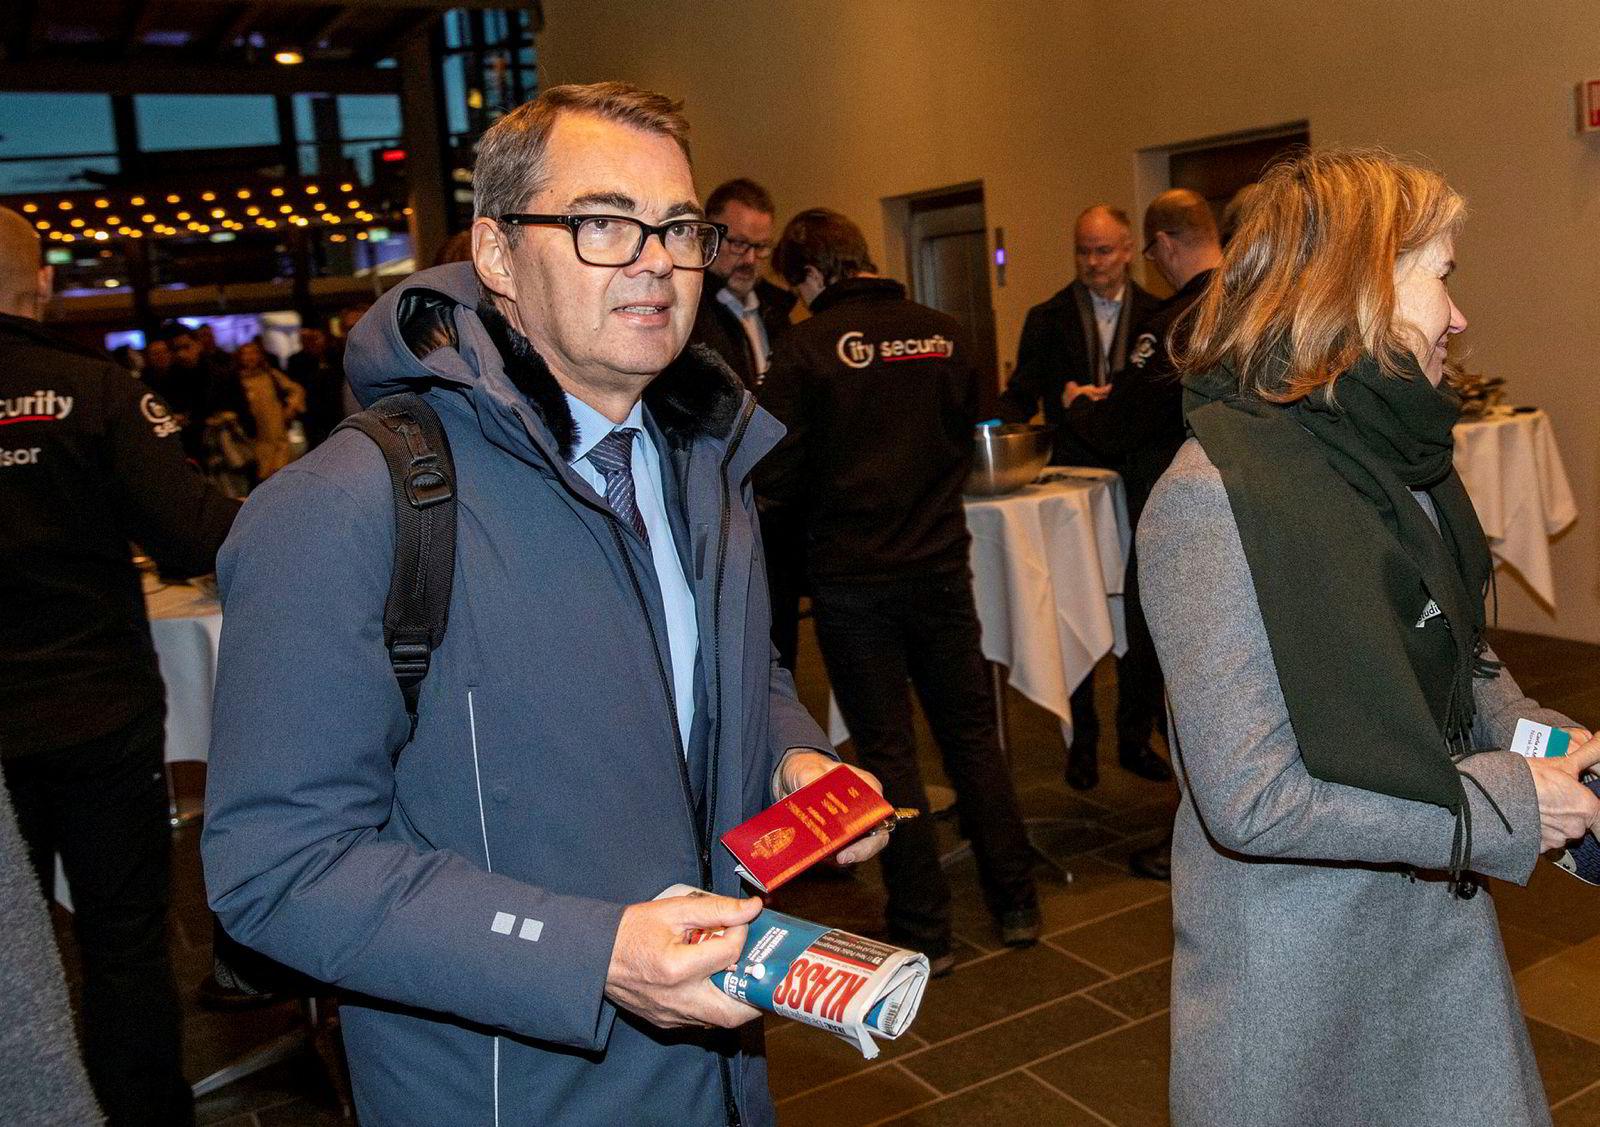 Tidligere Hydro-sjef Svein Richard Brandtzæg er klokkeklar på at geopolitisk uro er dårlig nytt for norsk næringsliv.